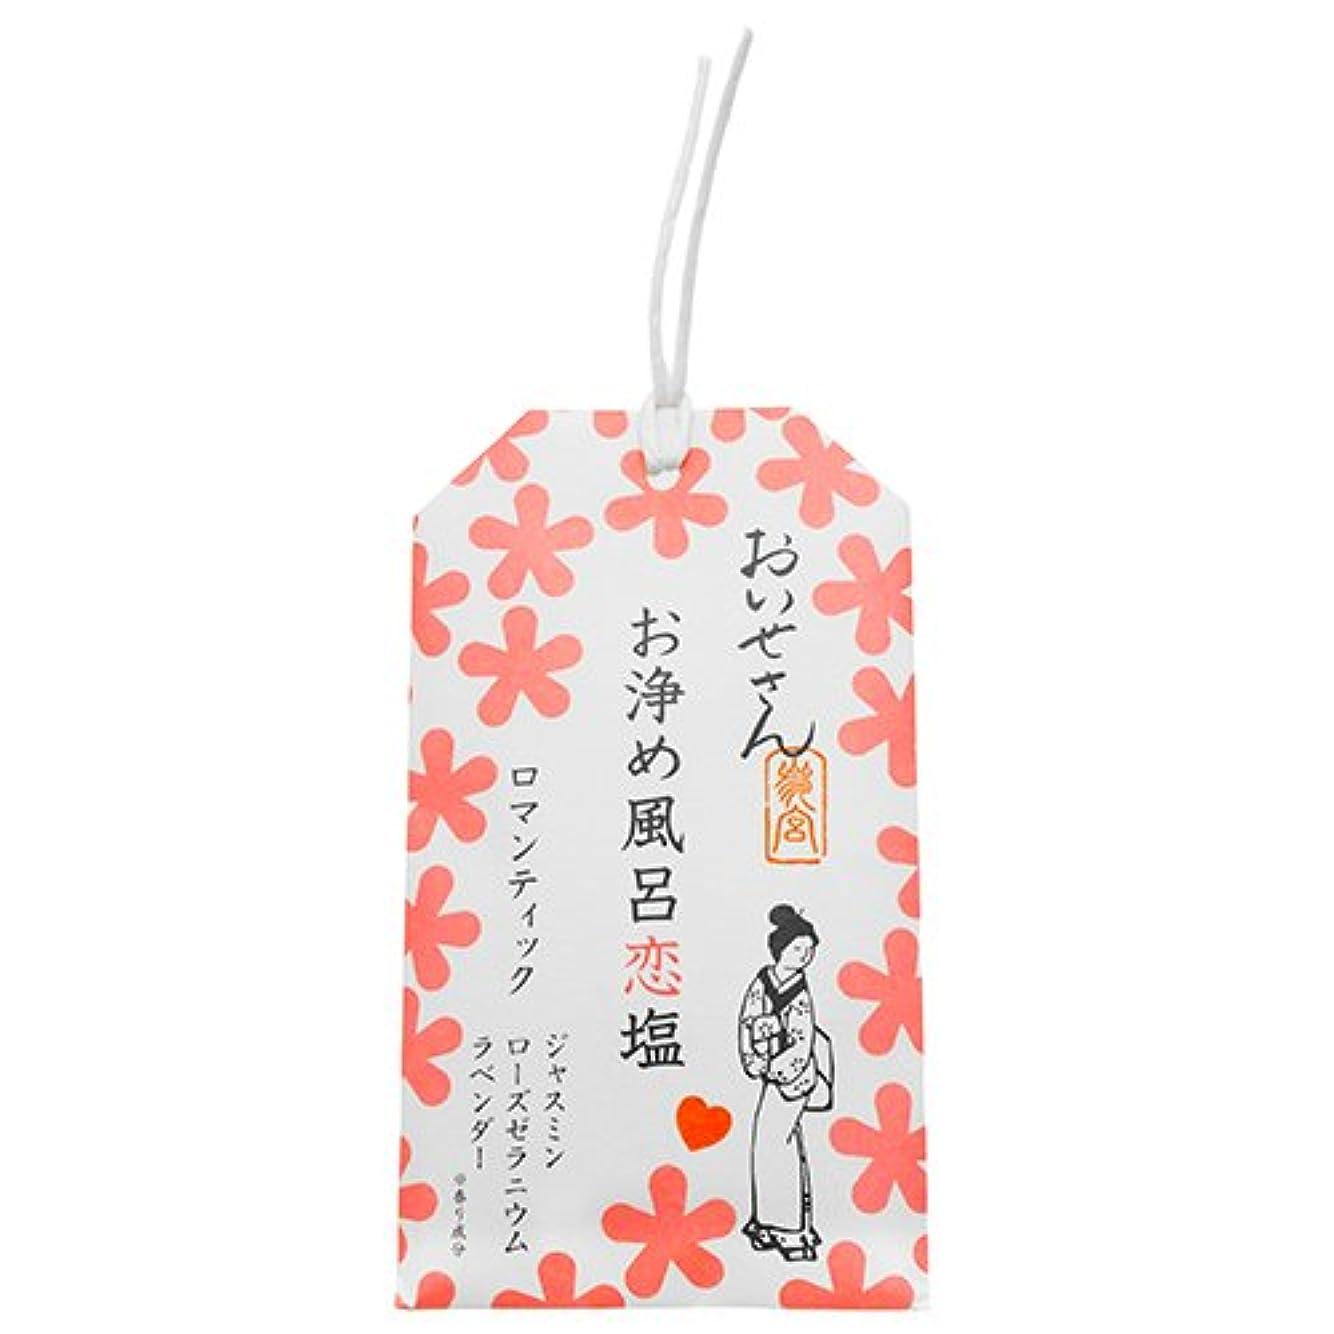 裂け目拡声器ロデオおいせさん お浄め風呂恋塩(ロマンティック)